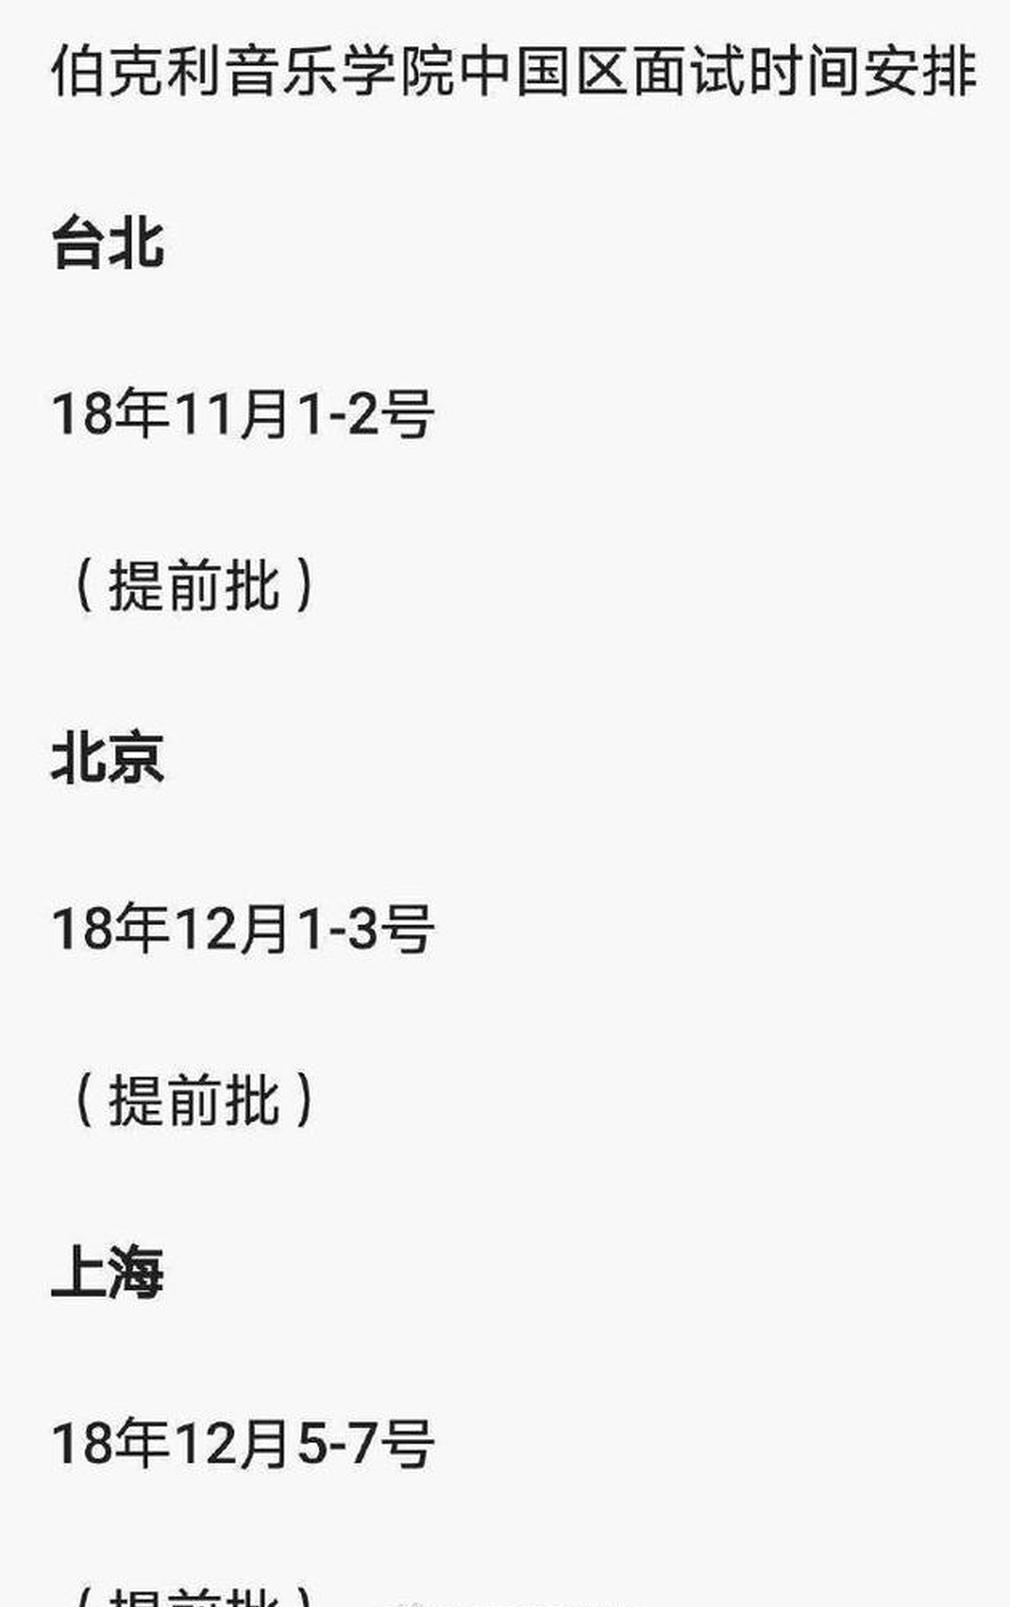 网曝伯克利中国区面试时间安排表